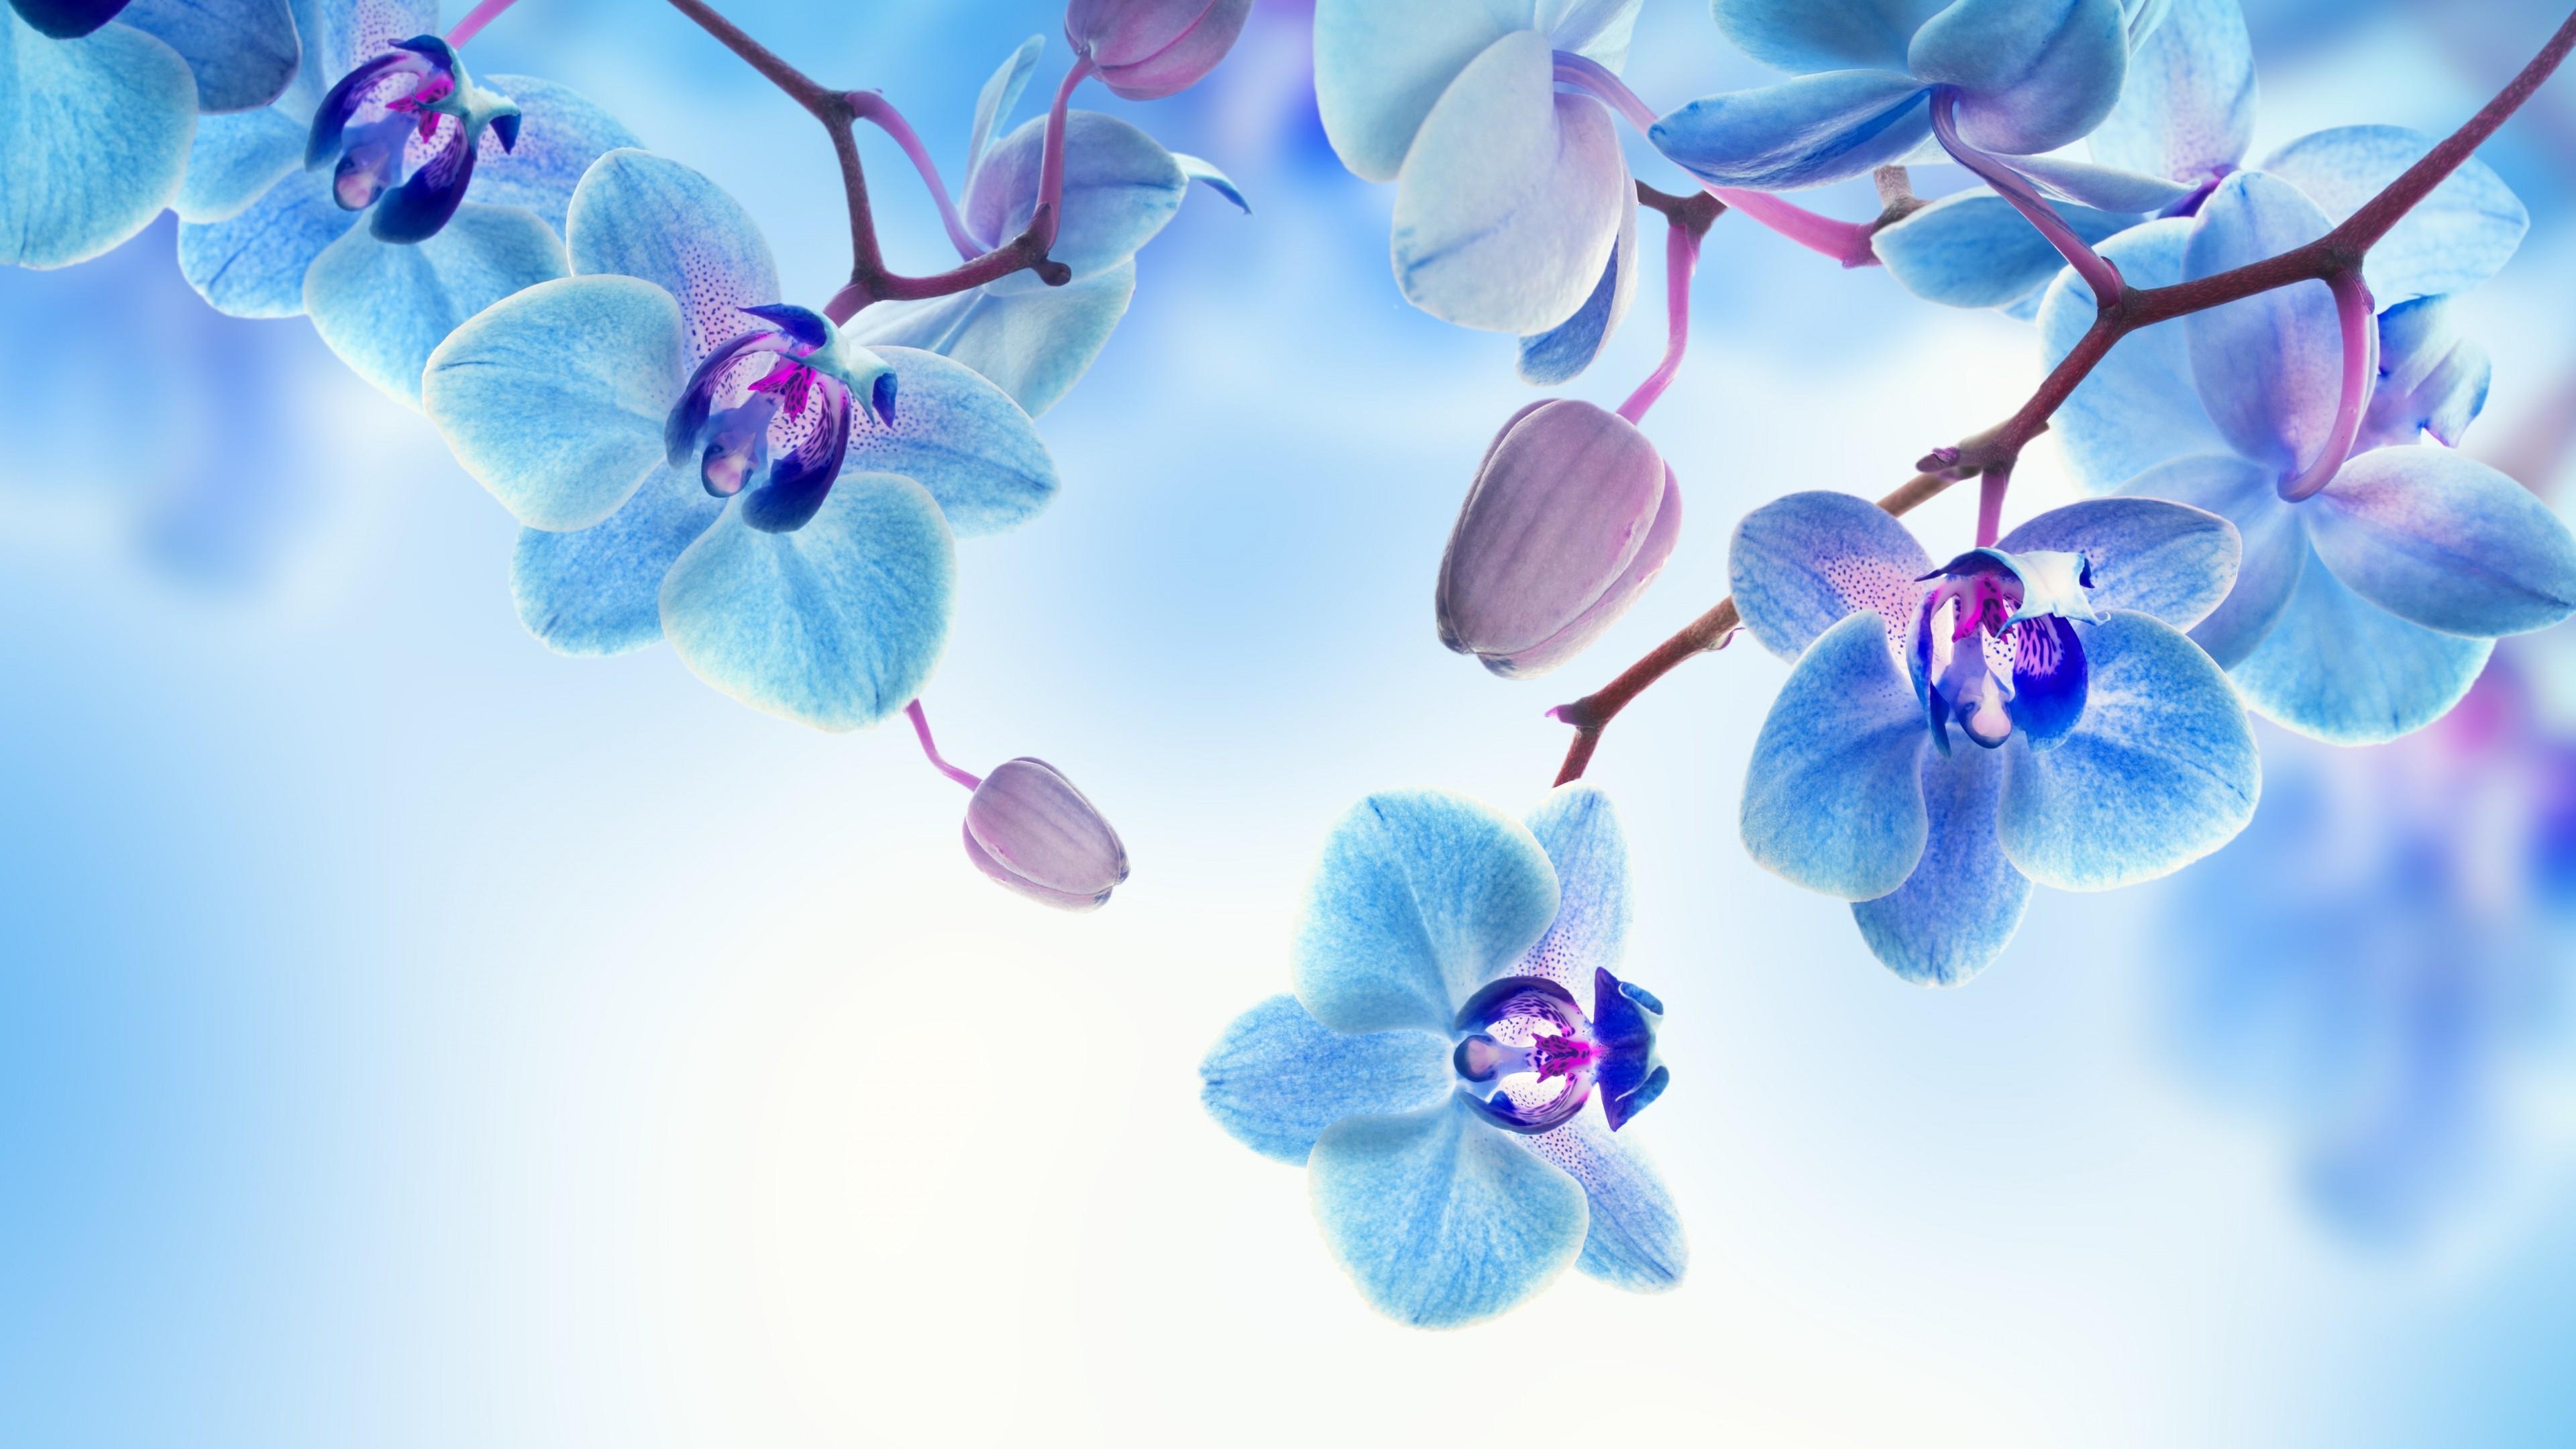 Wallpaper Orchid 5k 4k Wallpaper Flowers Blue White Nature 5341